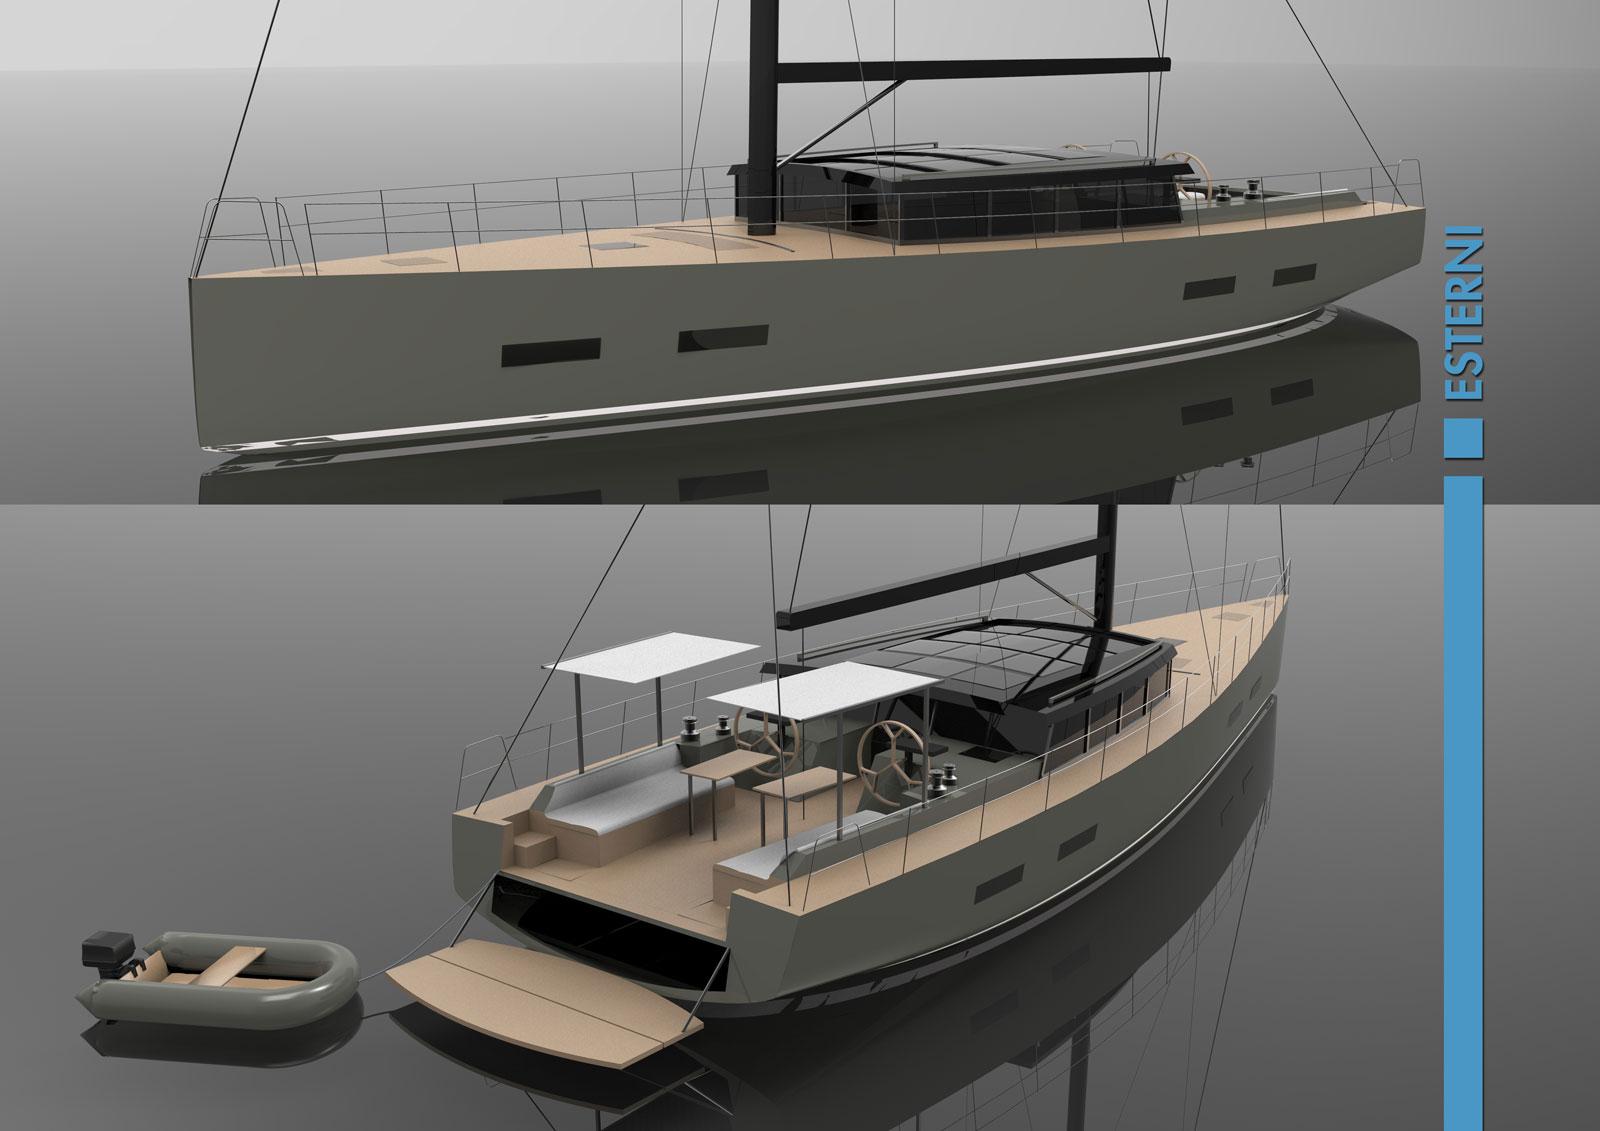 Tawhiri Sailing Boat Concept By Guido Valtorta Exterior